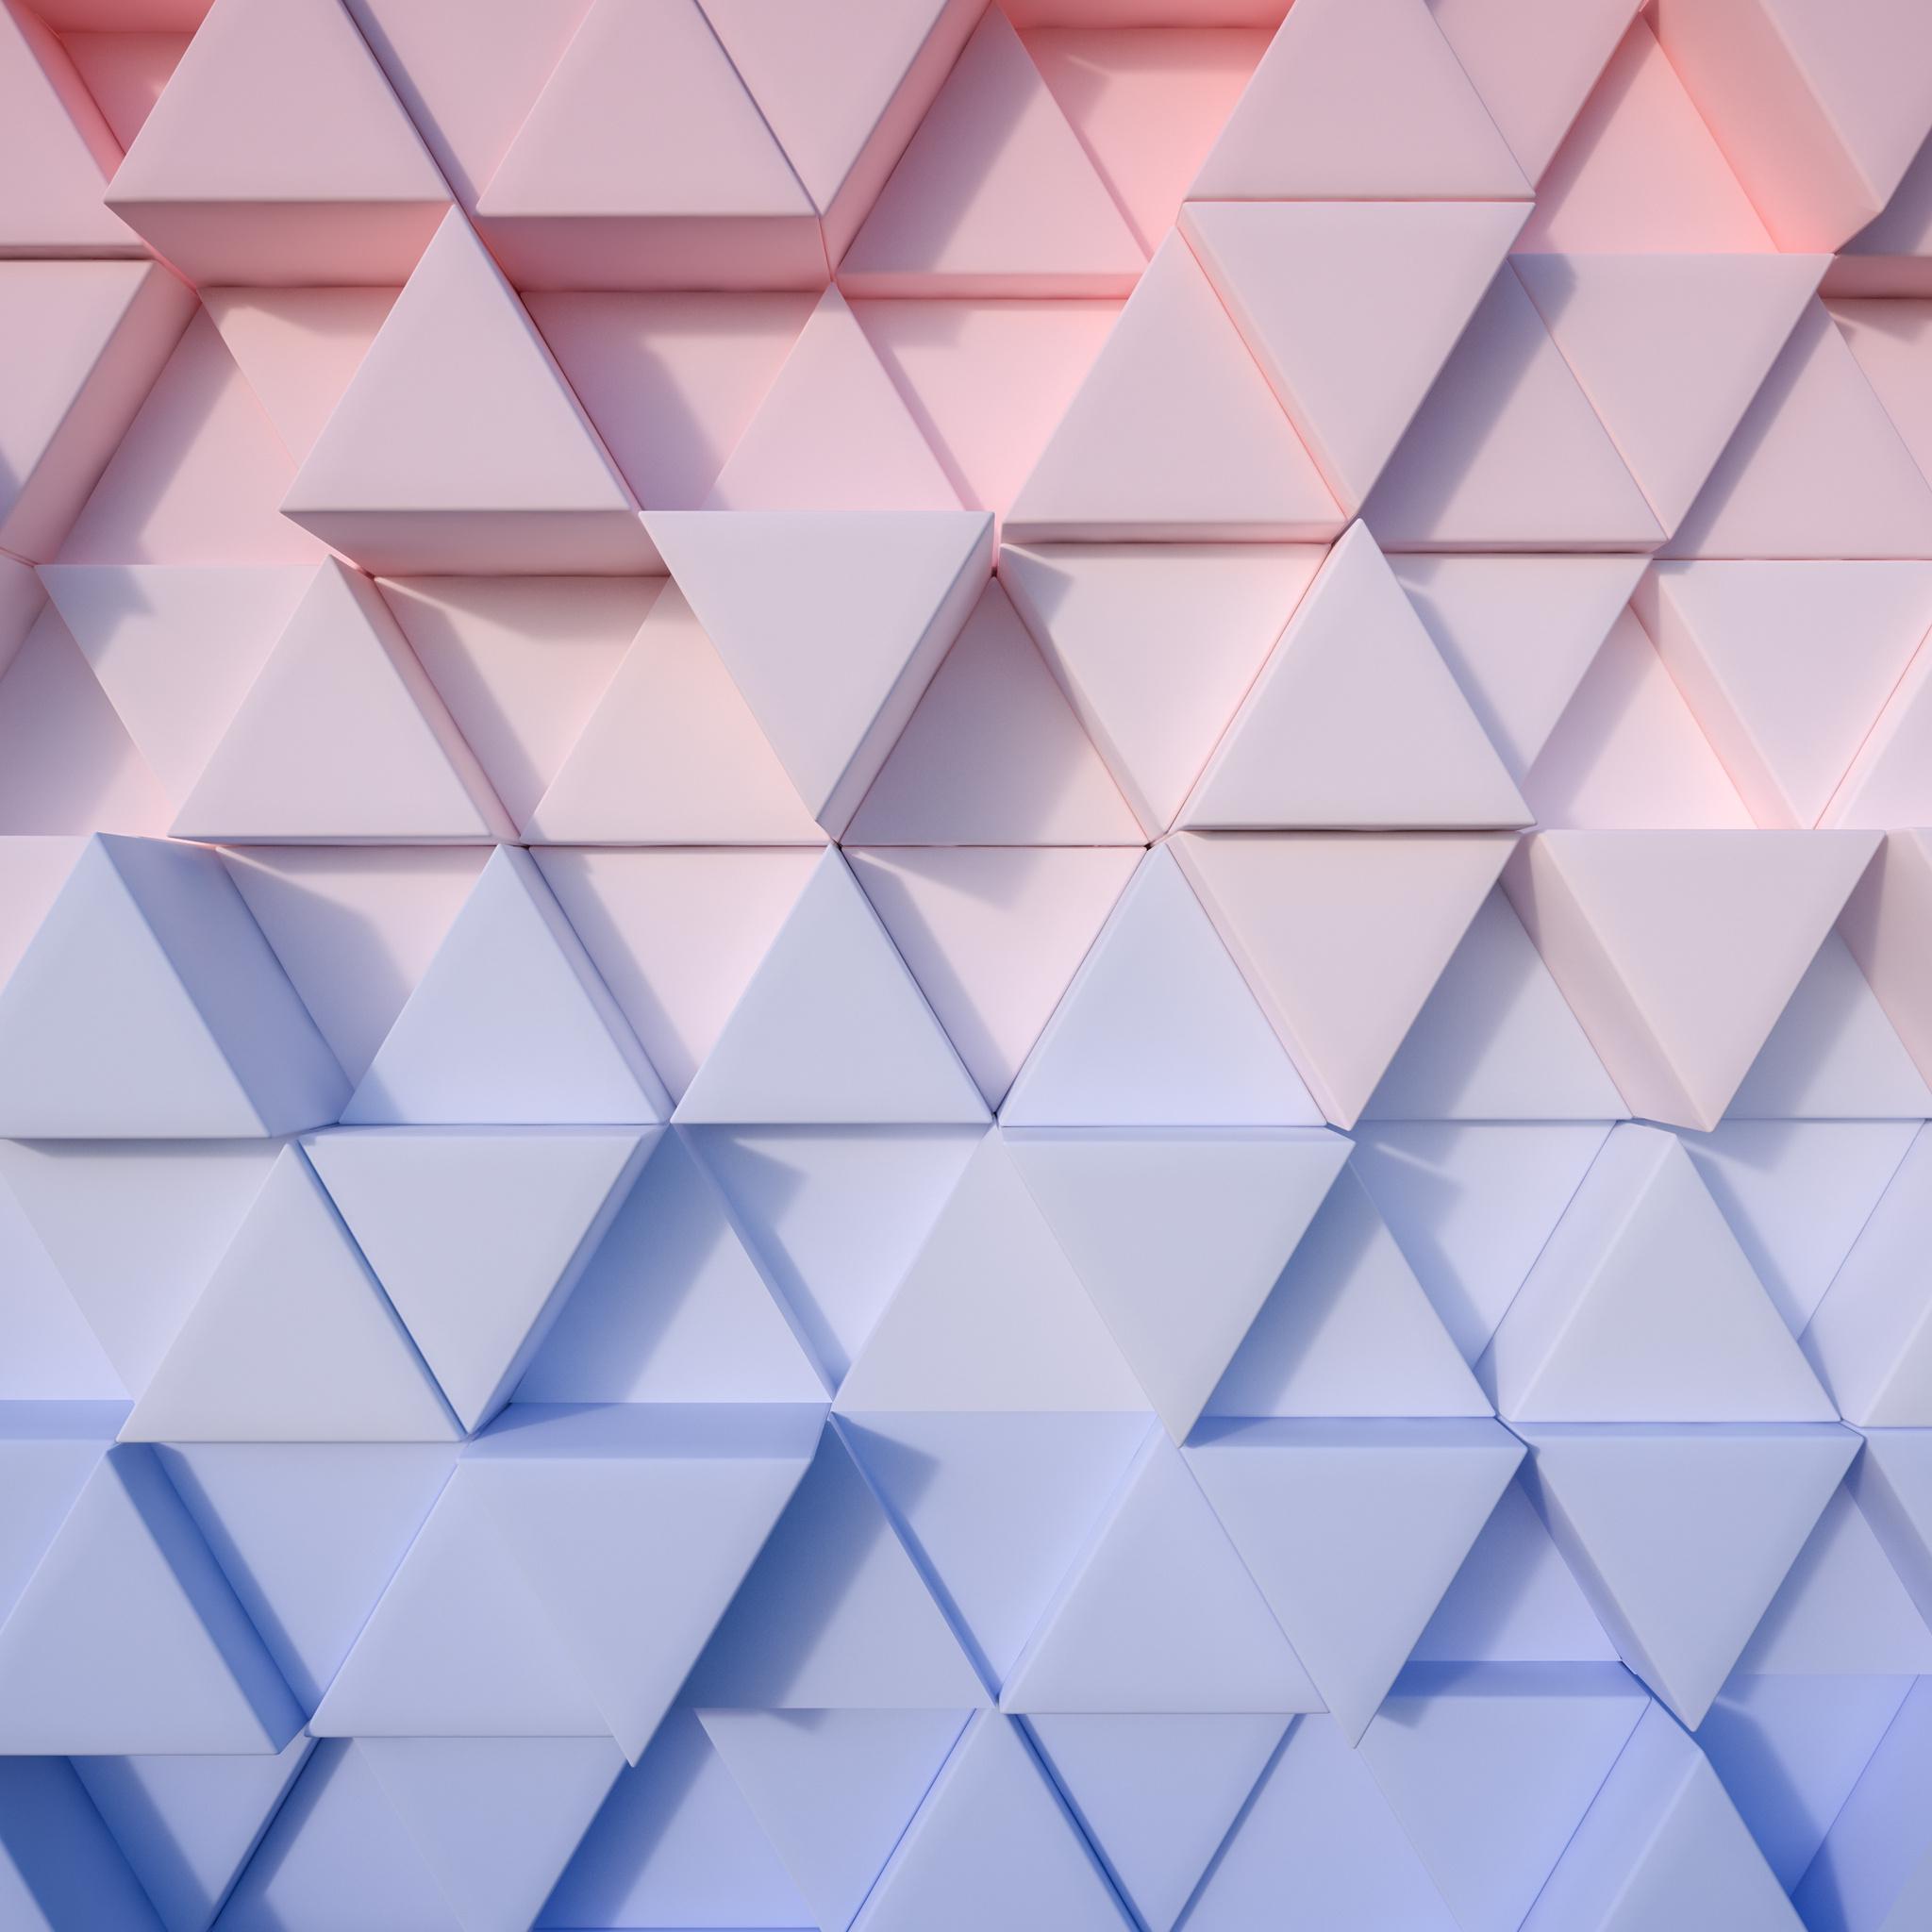 2048x2048 Triangle Pastel 3d 4k Ipad Air HD 4k Wallpapers